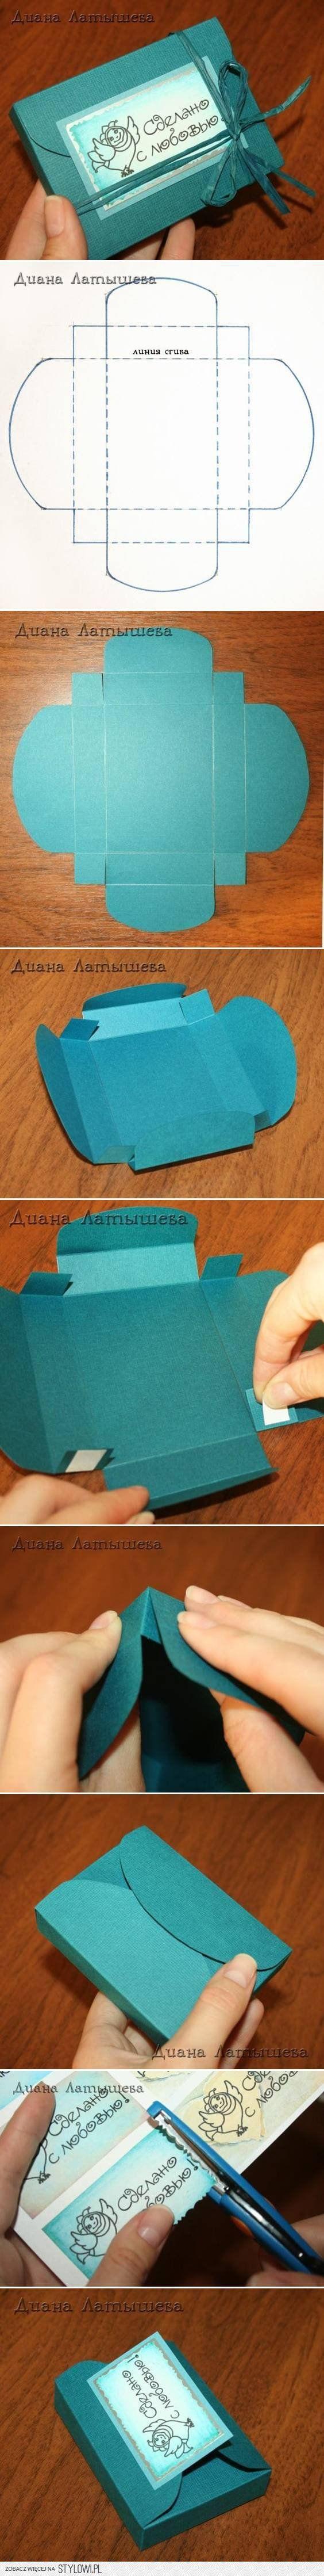 DIY Fancy Gift Box DIY Projects | UsefulDIY.com na Stylowi.pl